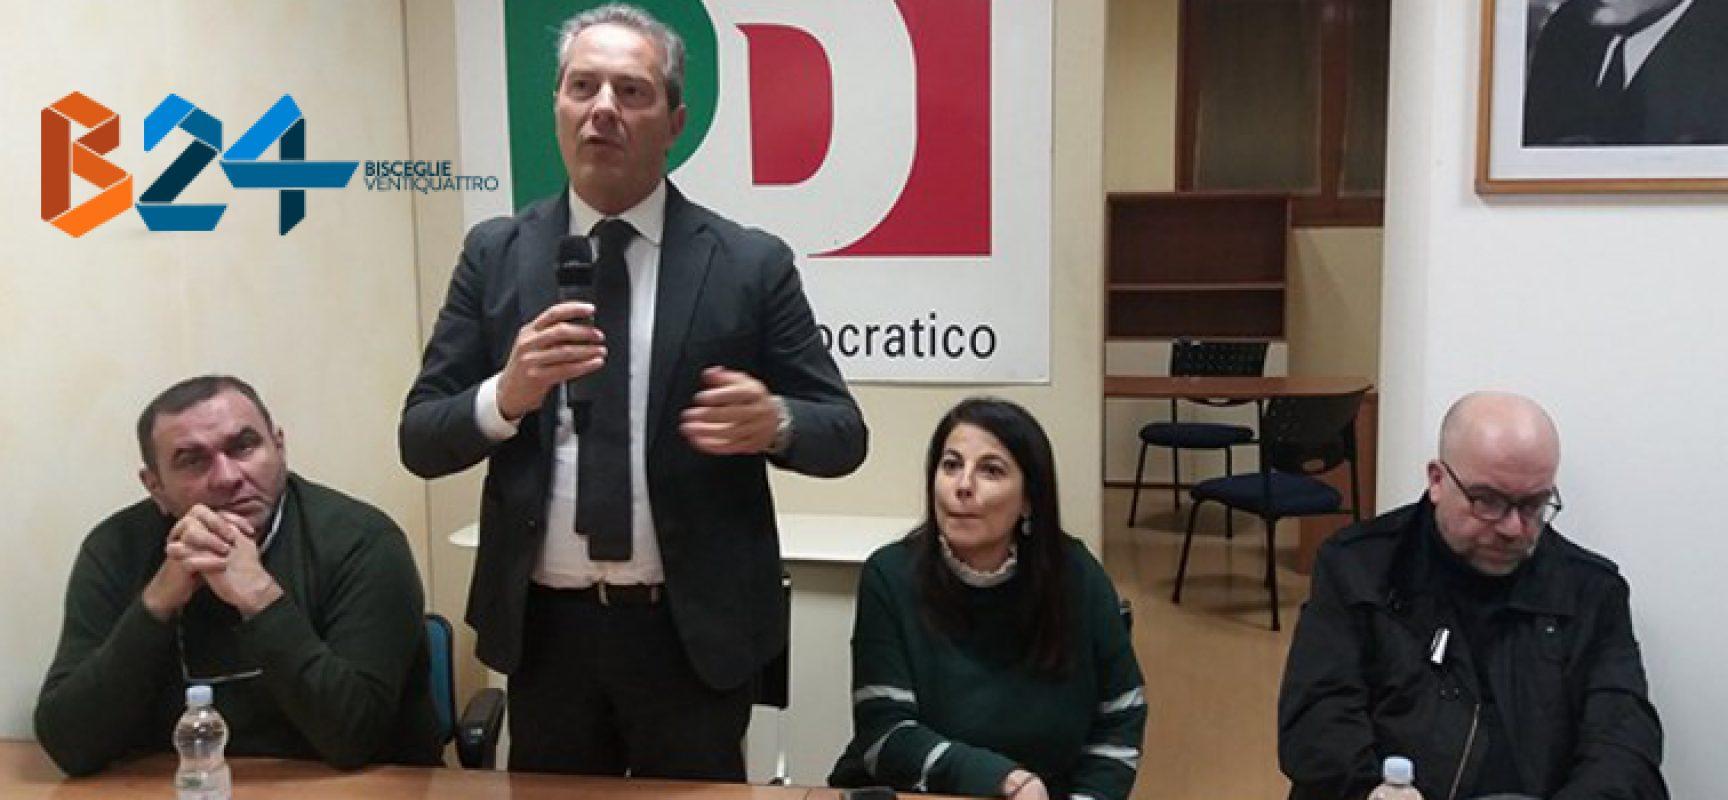 """Elezioni 2018, Francesco Spina (Pd): """"Nostri candidati sono figli di questa terra"""""""